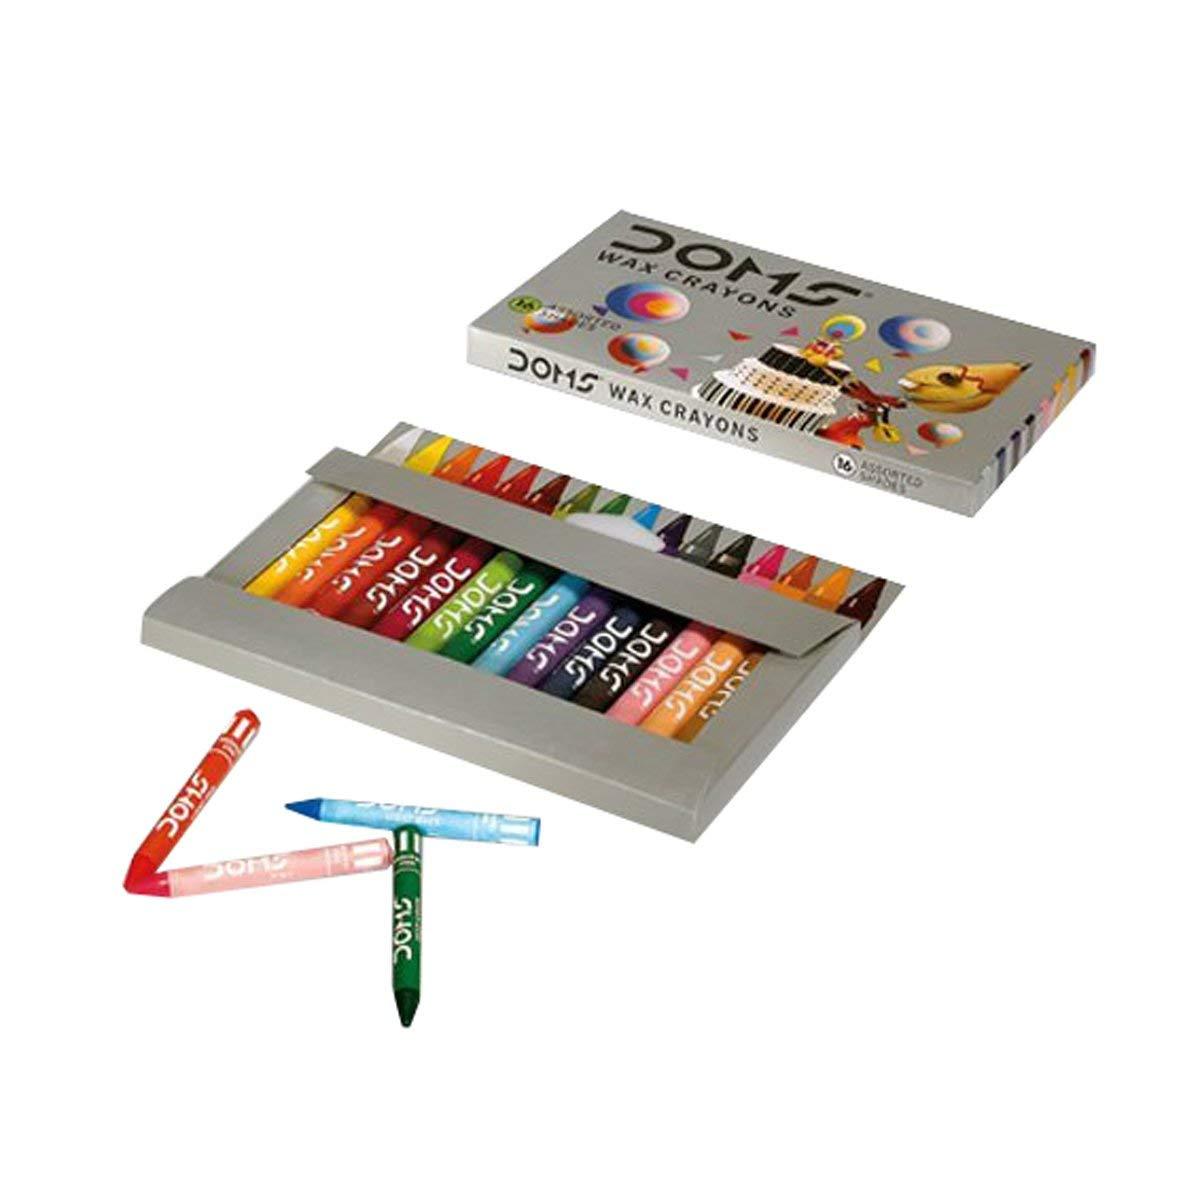 Doms Wax Crayons 16 Shades Image